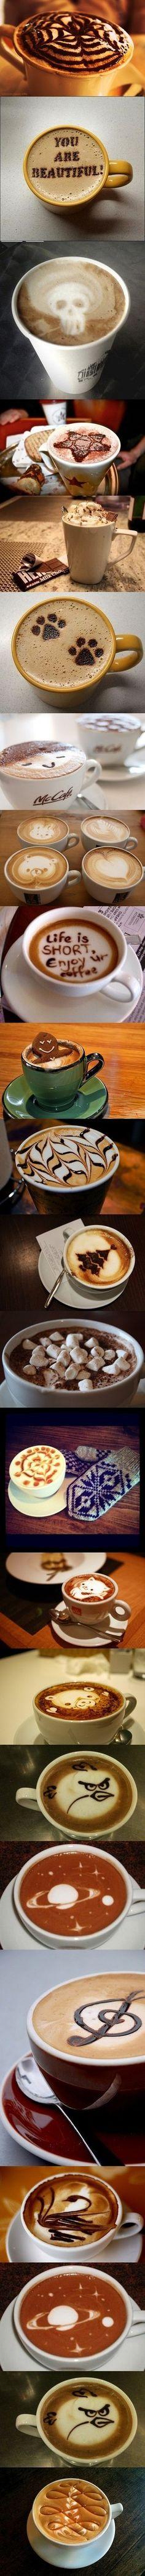 Una linda colección de café.